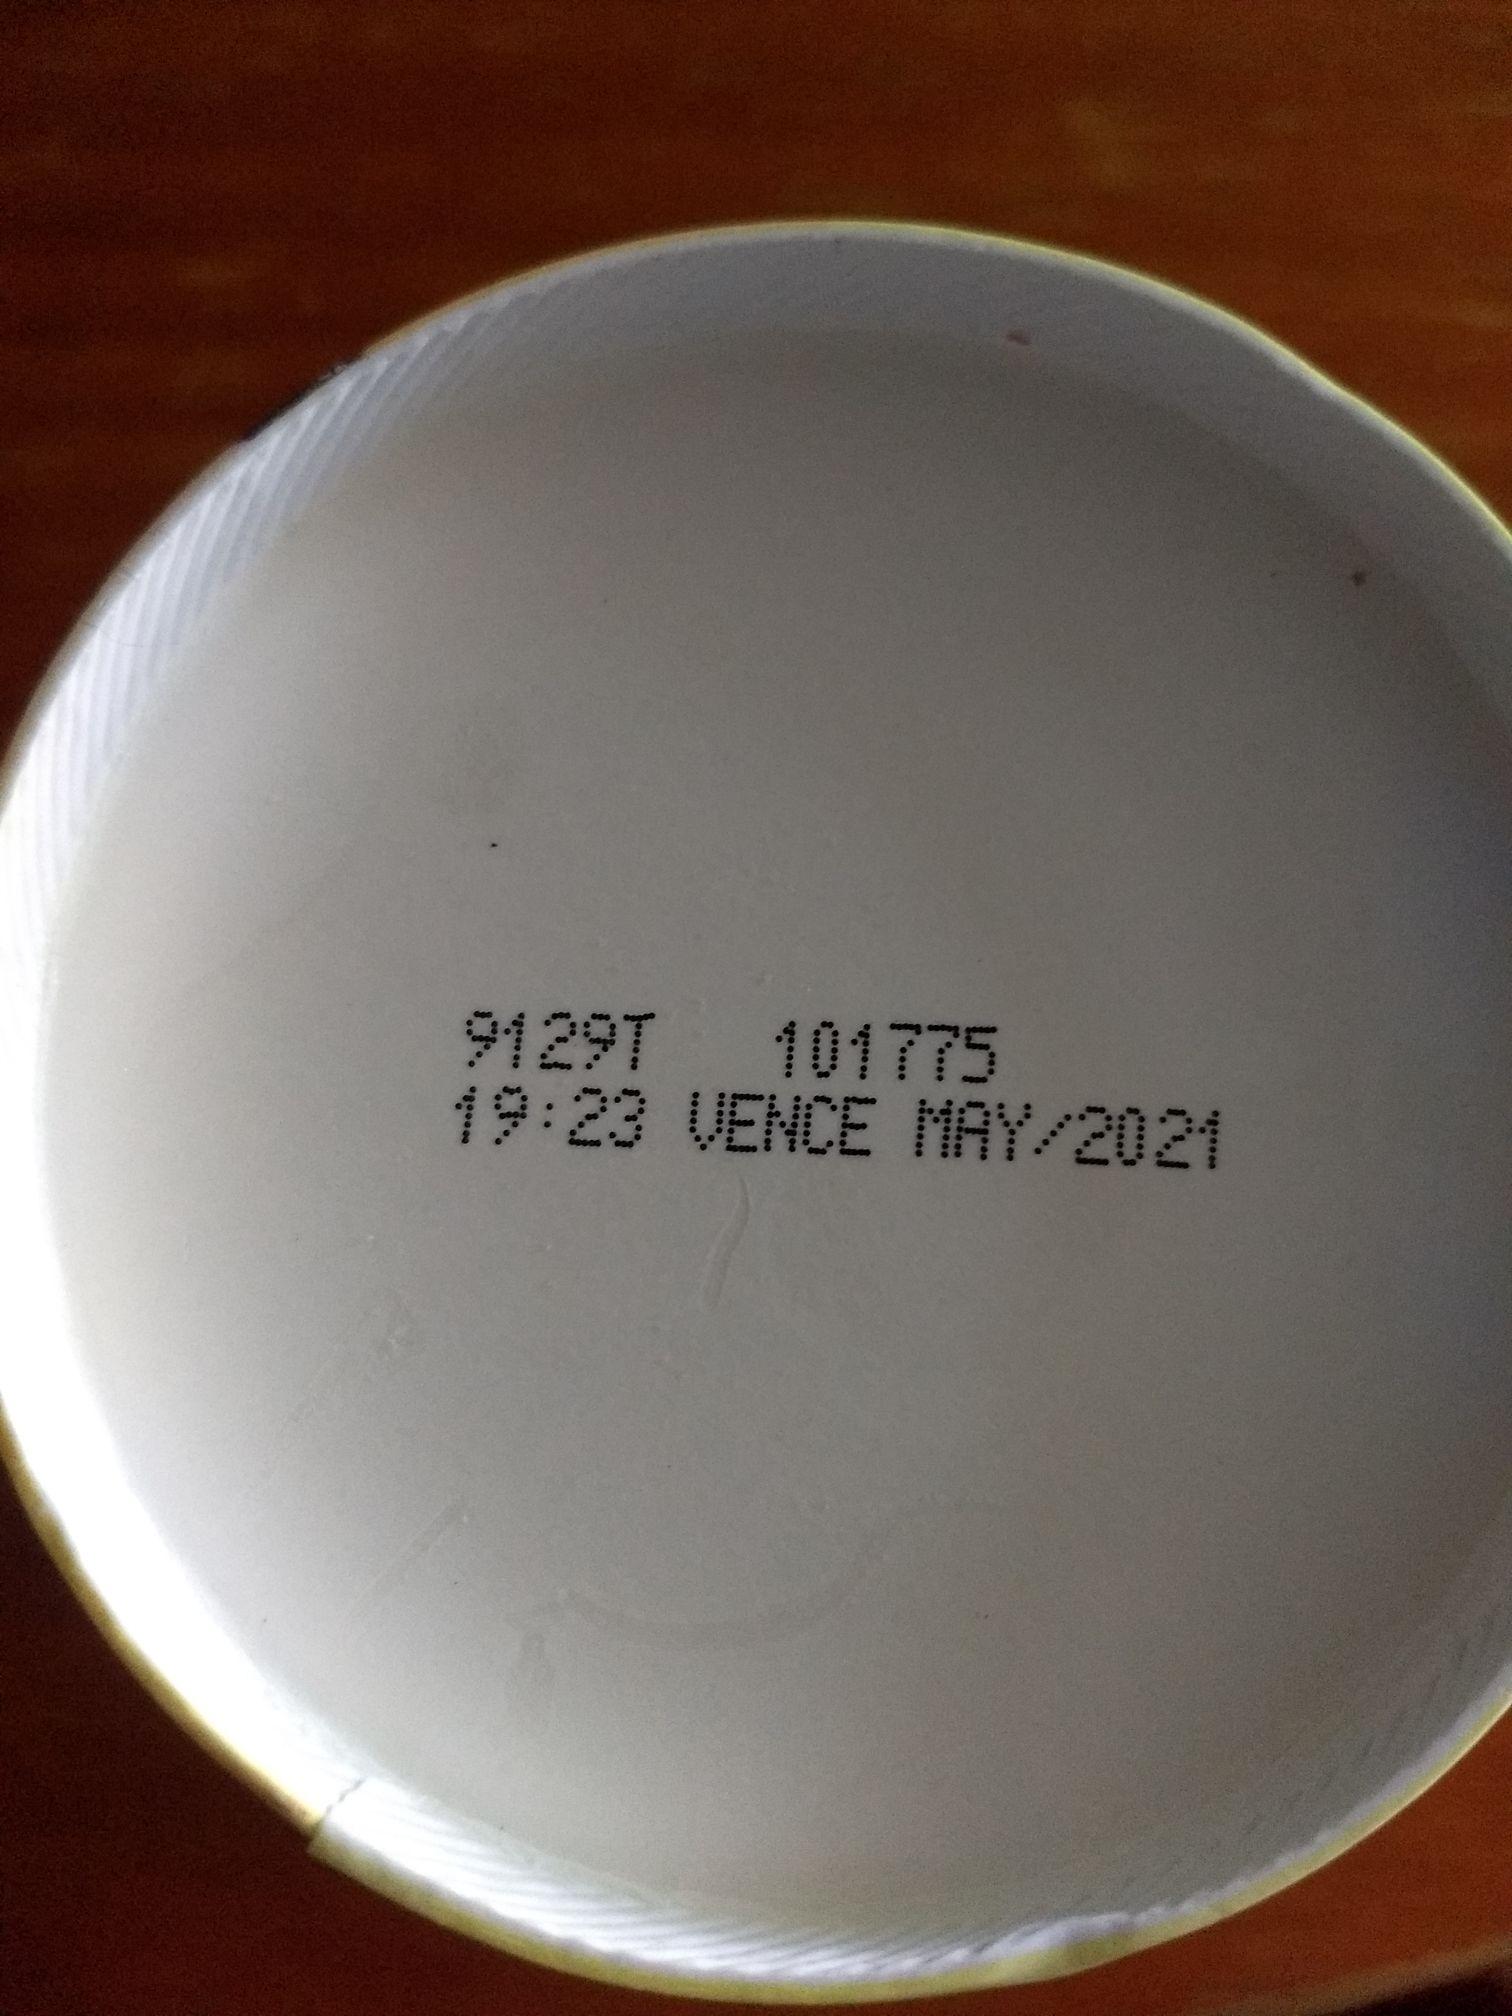 3179908-UKjaI.jpg